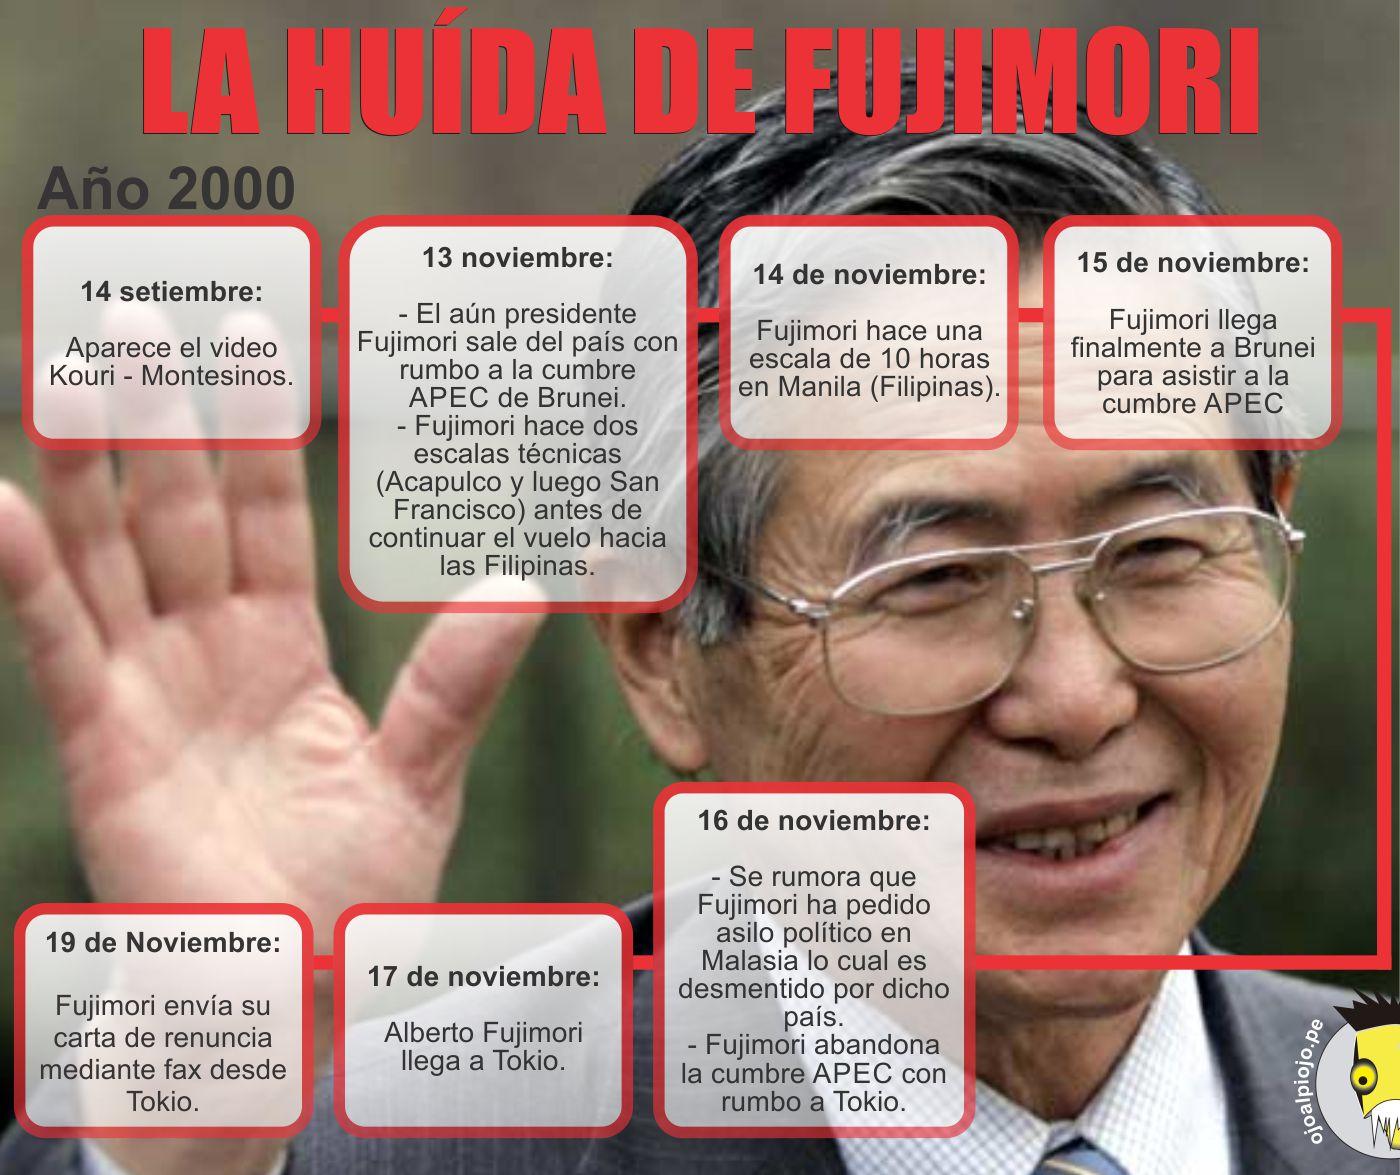 Ojo al Piojo - Huida de Fujimori